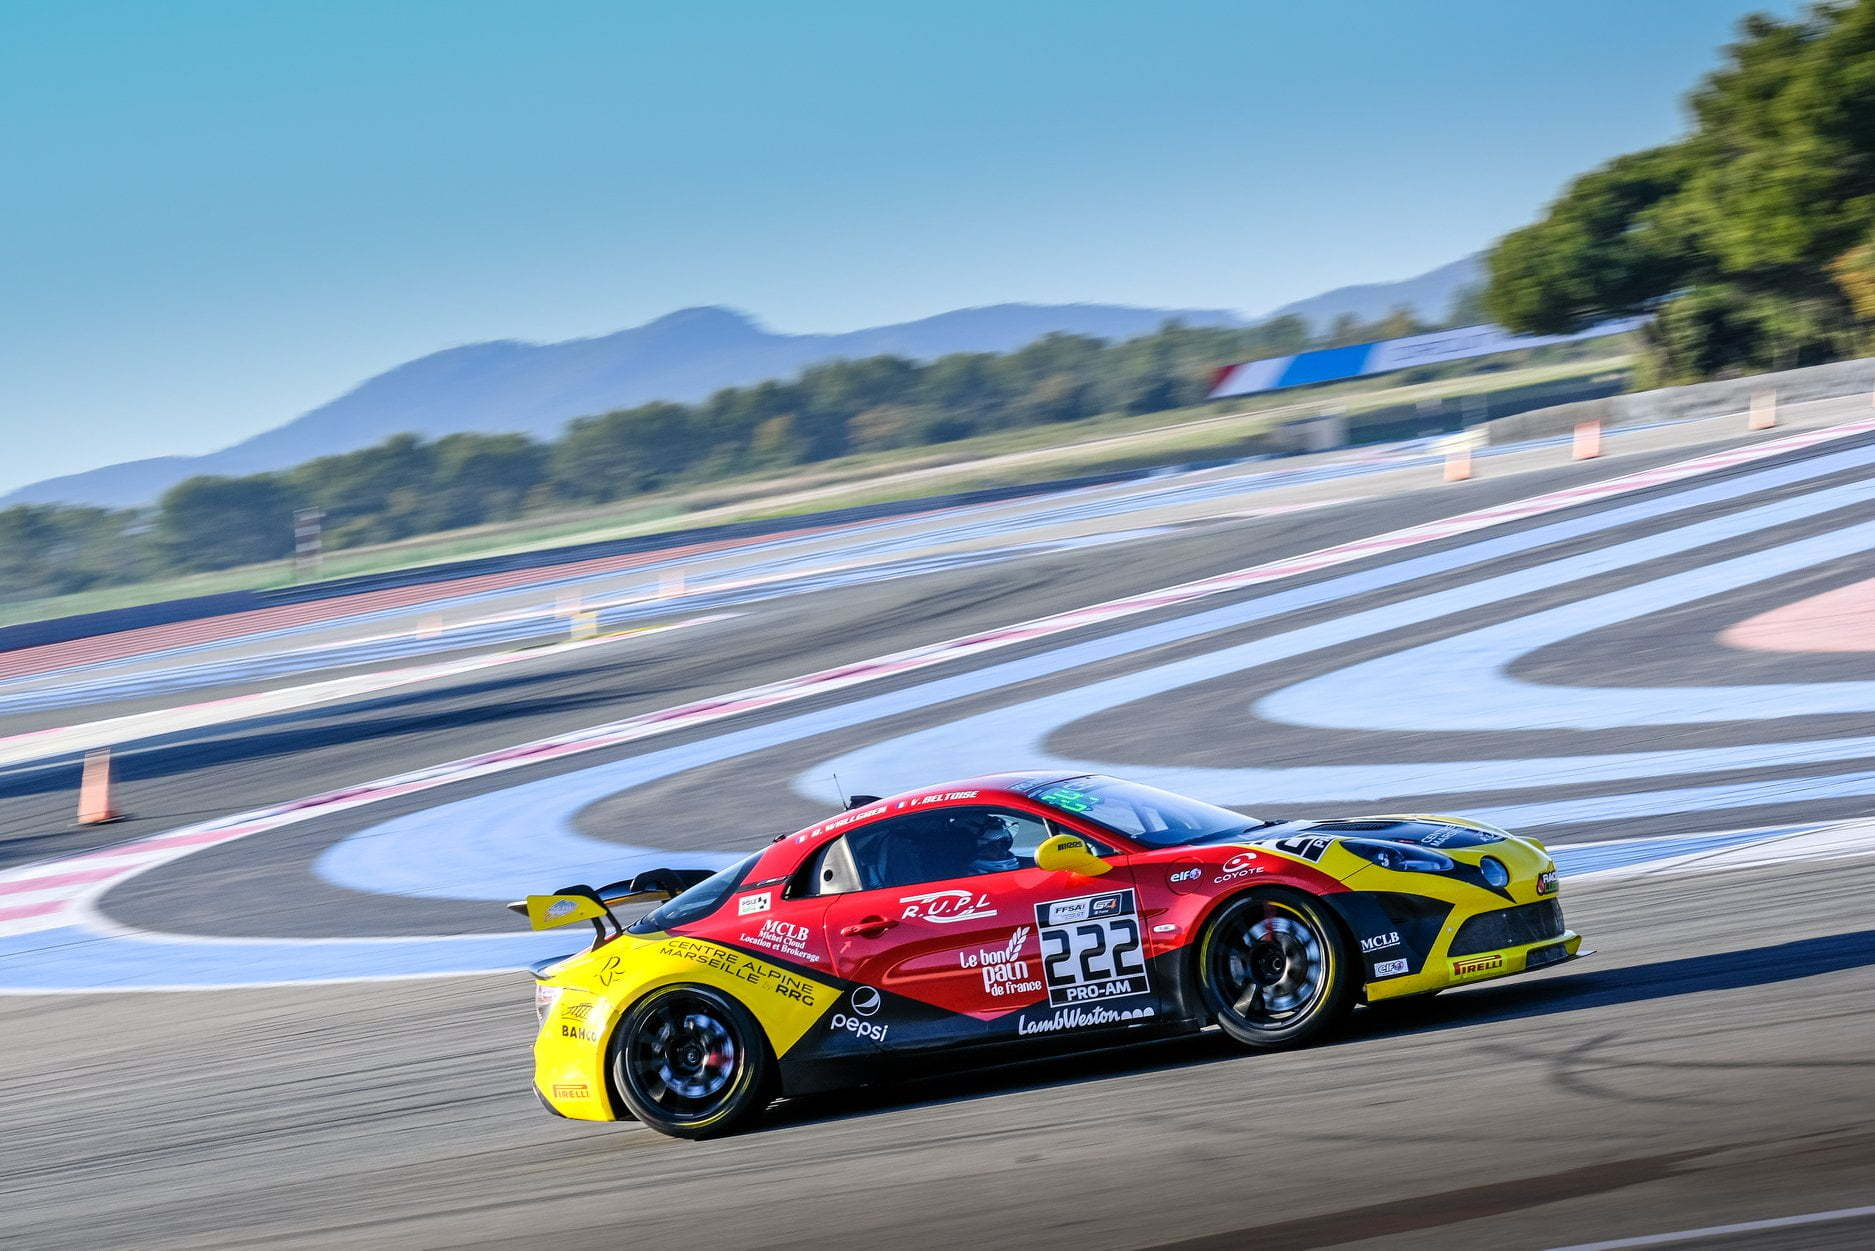 FFSA GT4 Alpine A110 CMR Prost Redele Castellet Paul Ricard 2020 7 | Alpine A110 GT4 : la grande finale au Castellet ⎜Course n°2